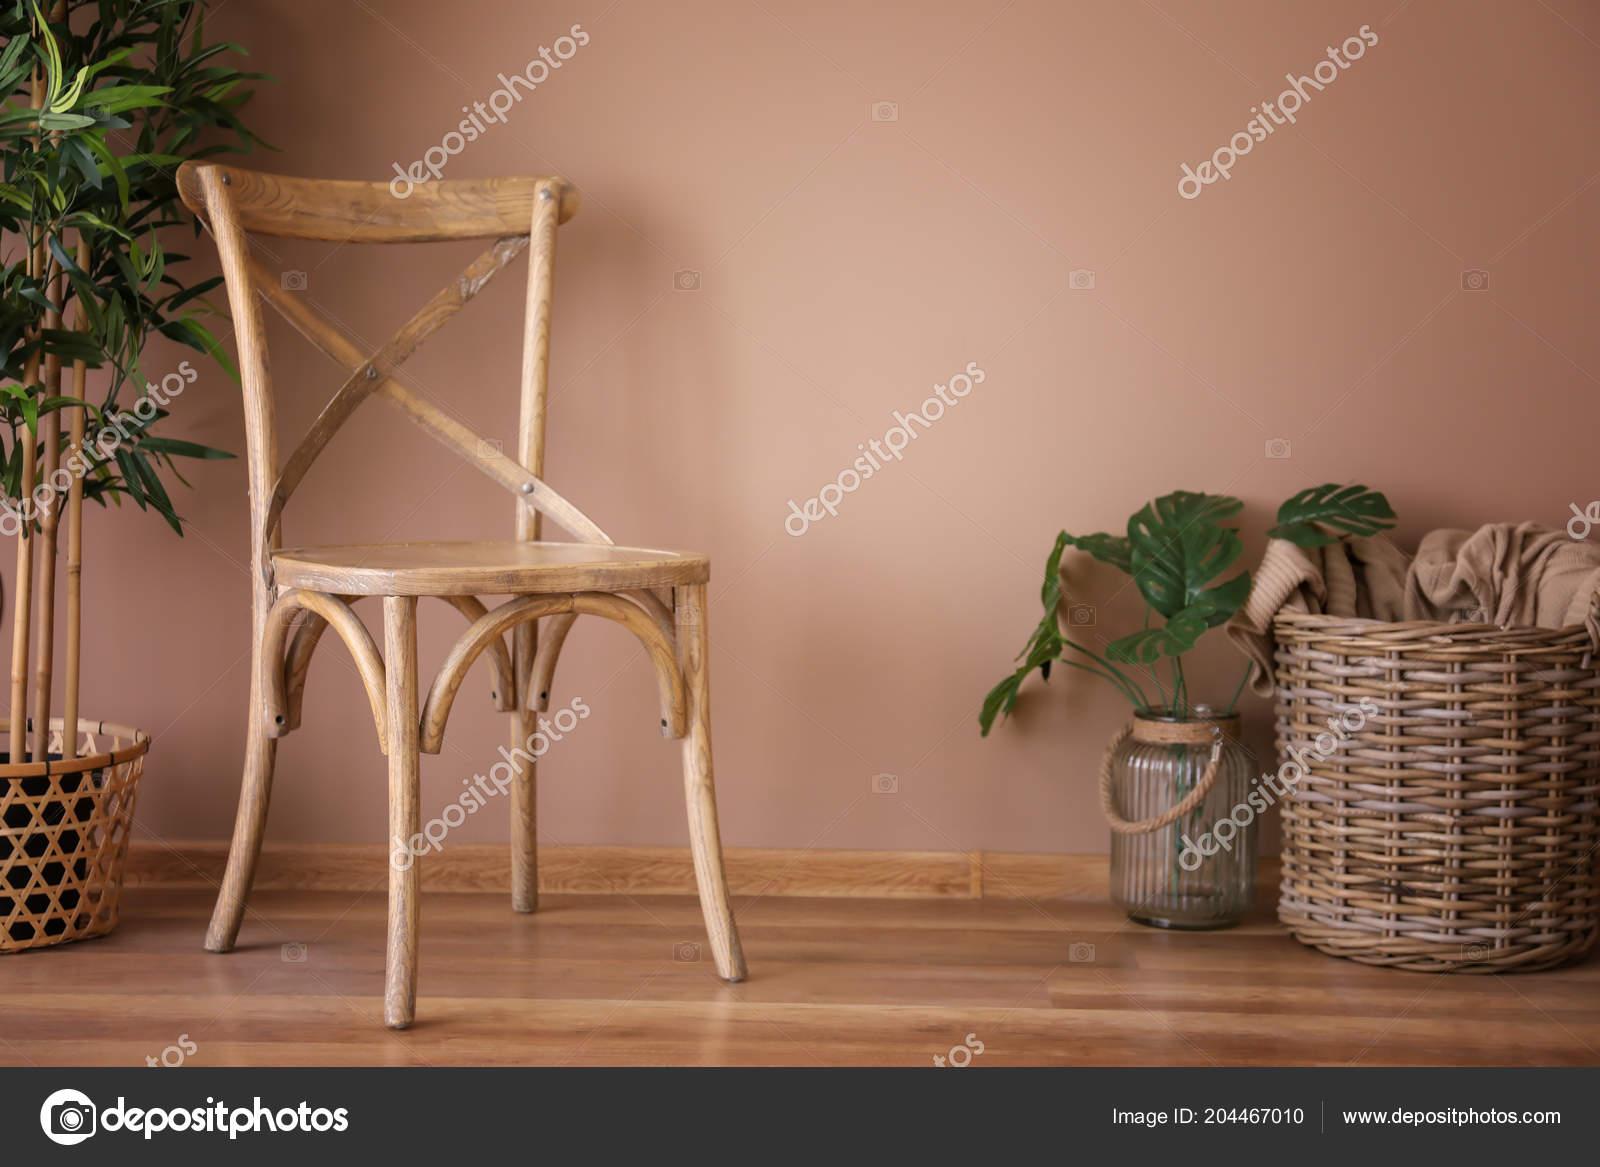 Chaise Bois Avec Panier Osier Plantes Pres Mur Couleur Photo